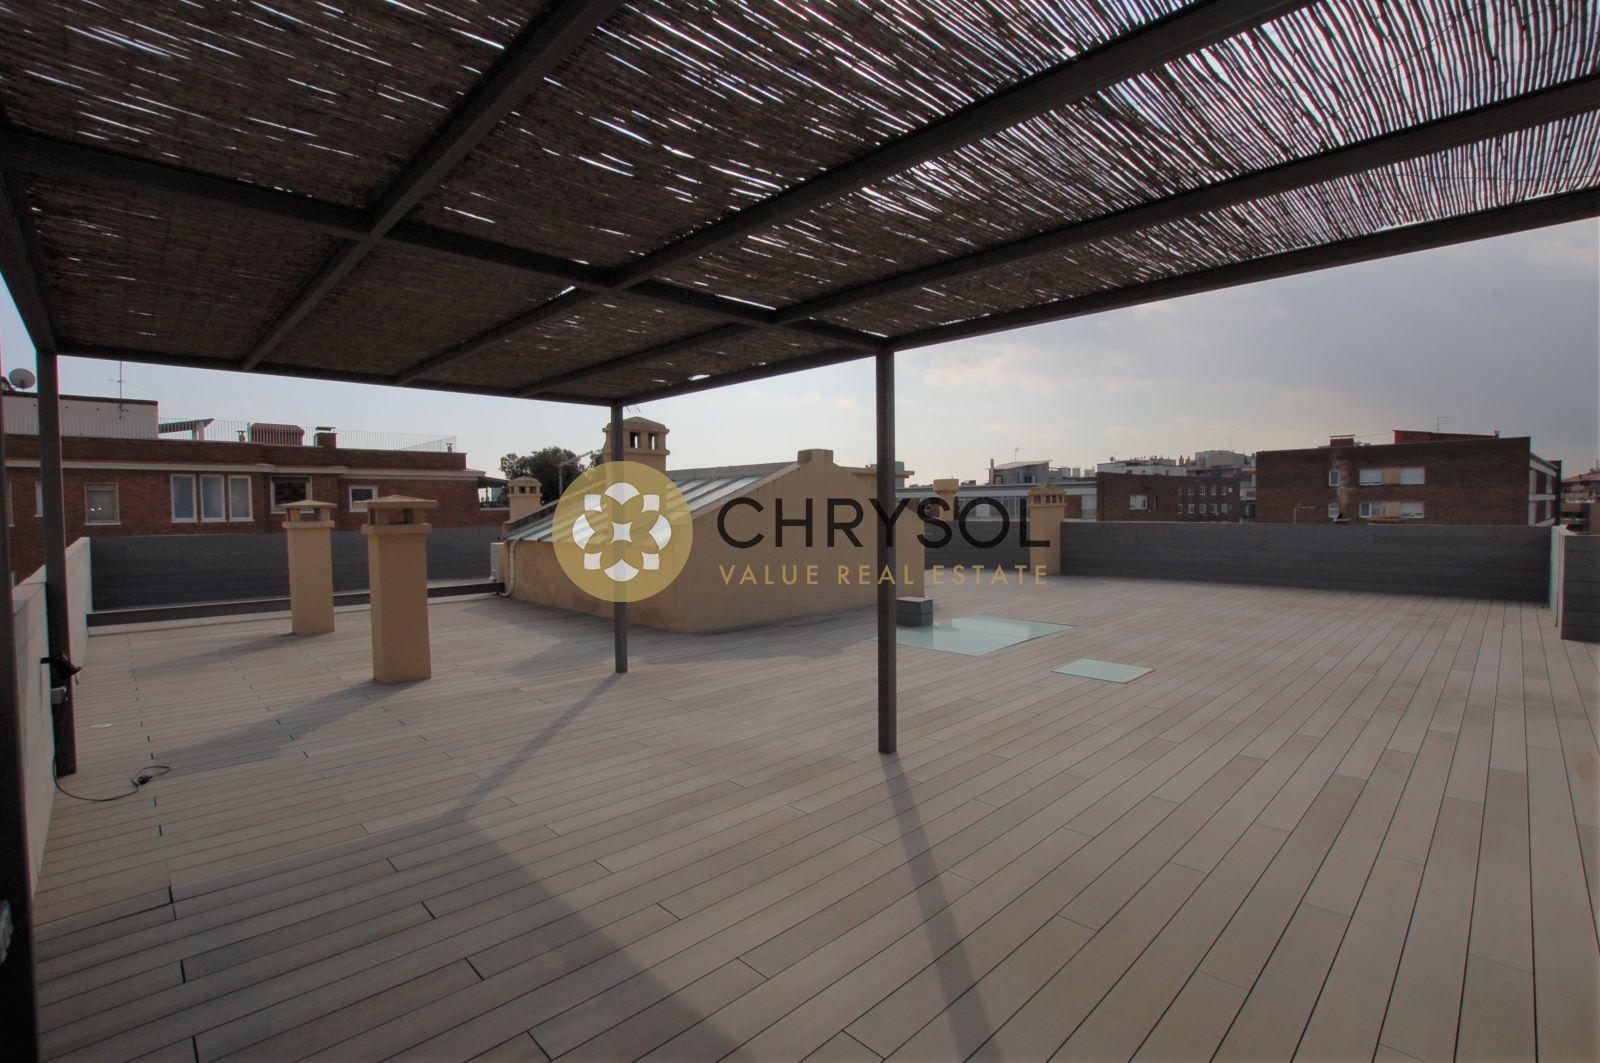 Fotogalería - 40 - Chrysol Value